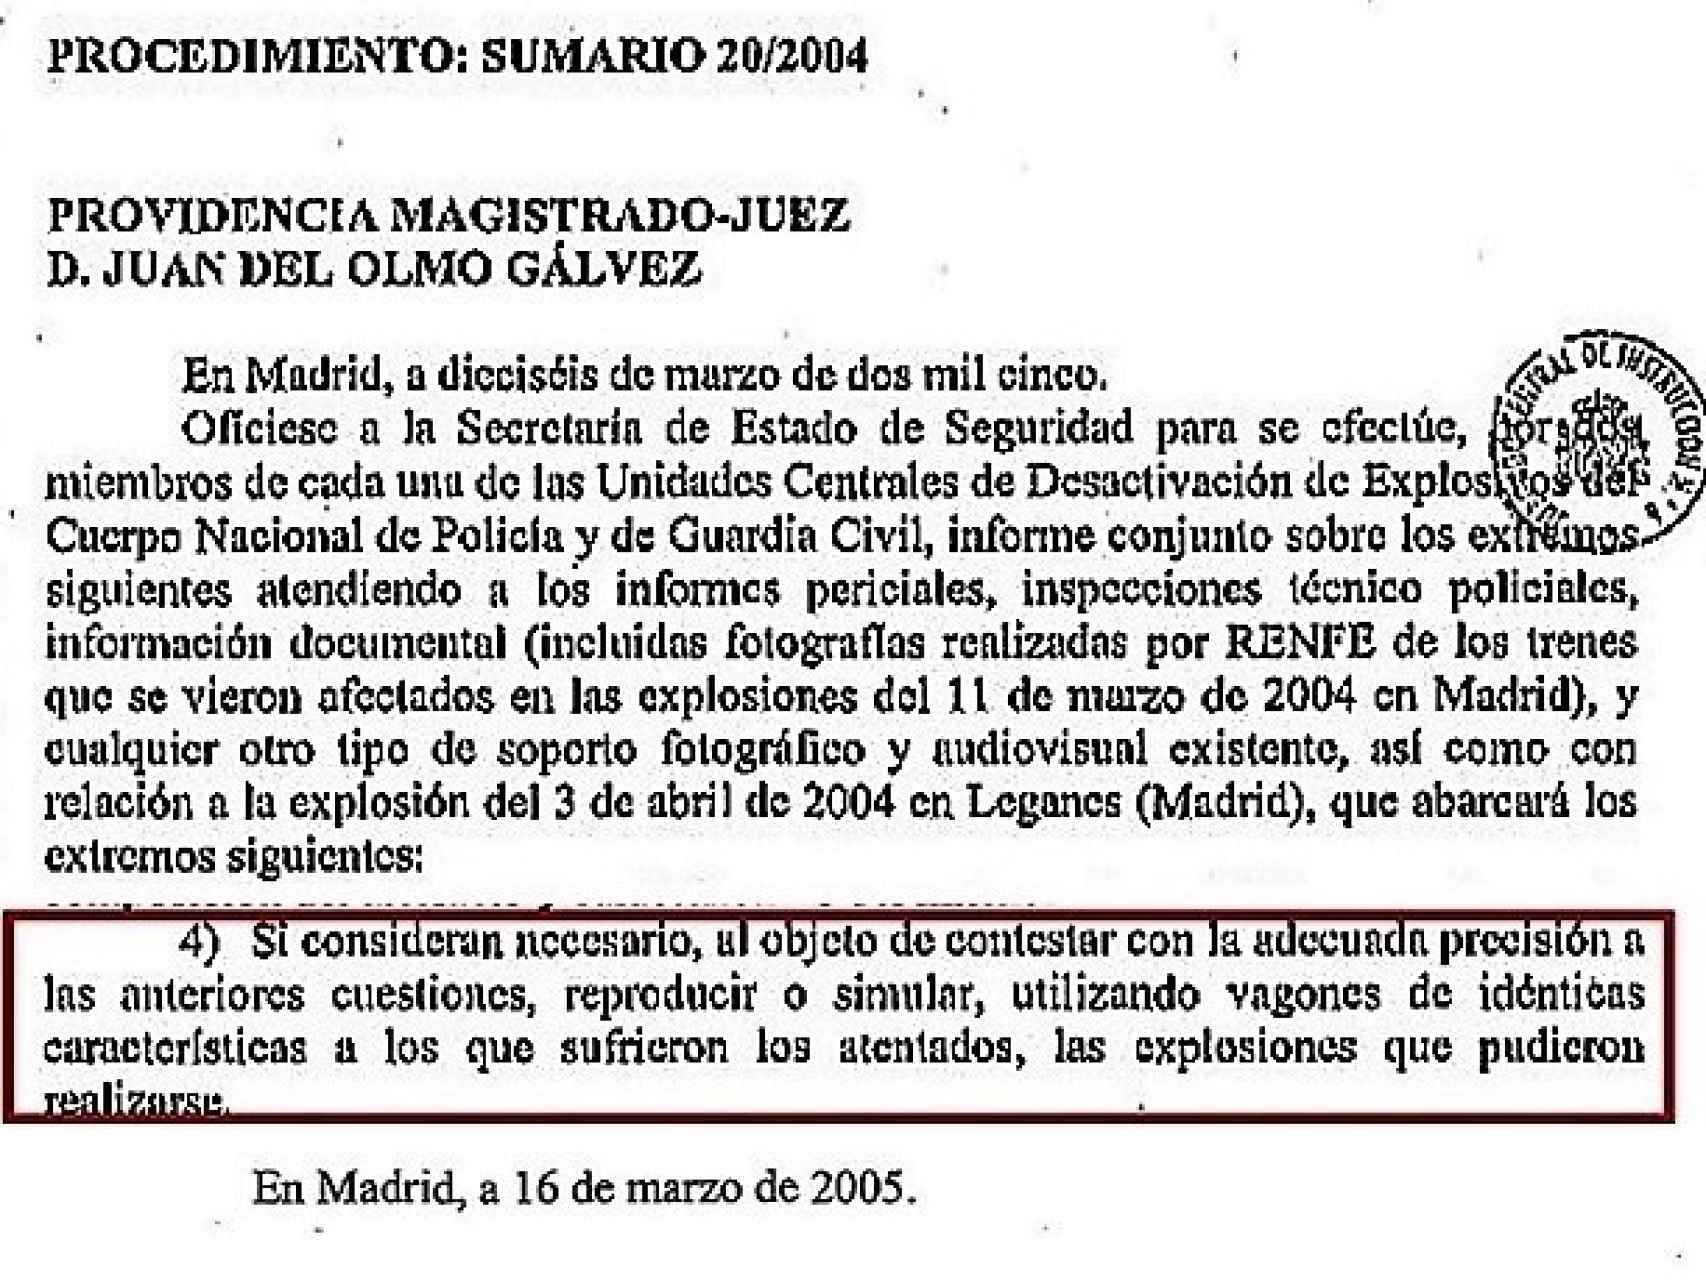 Fragmento de la providencia por la que el juez Del Olmo ordenaba realizar un informe conjunto Policía Guardia - Civil